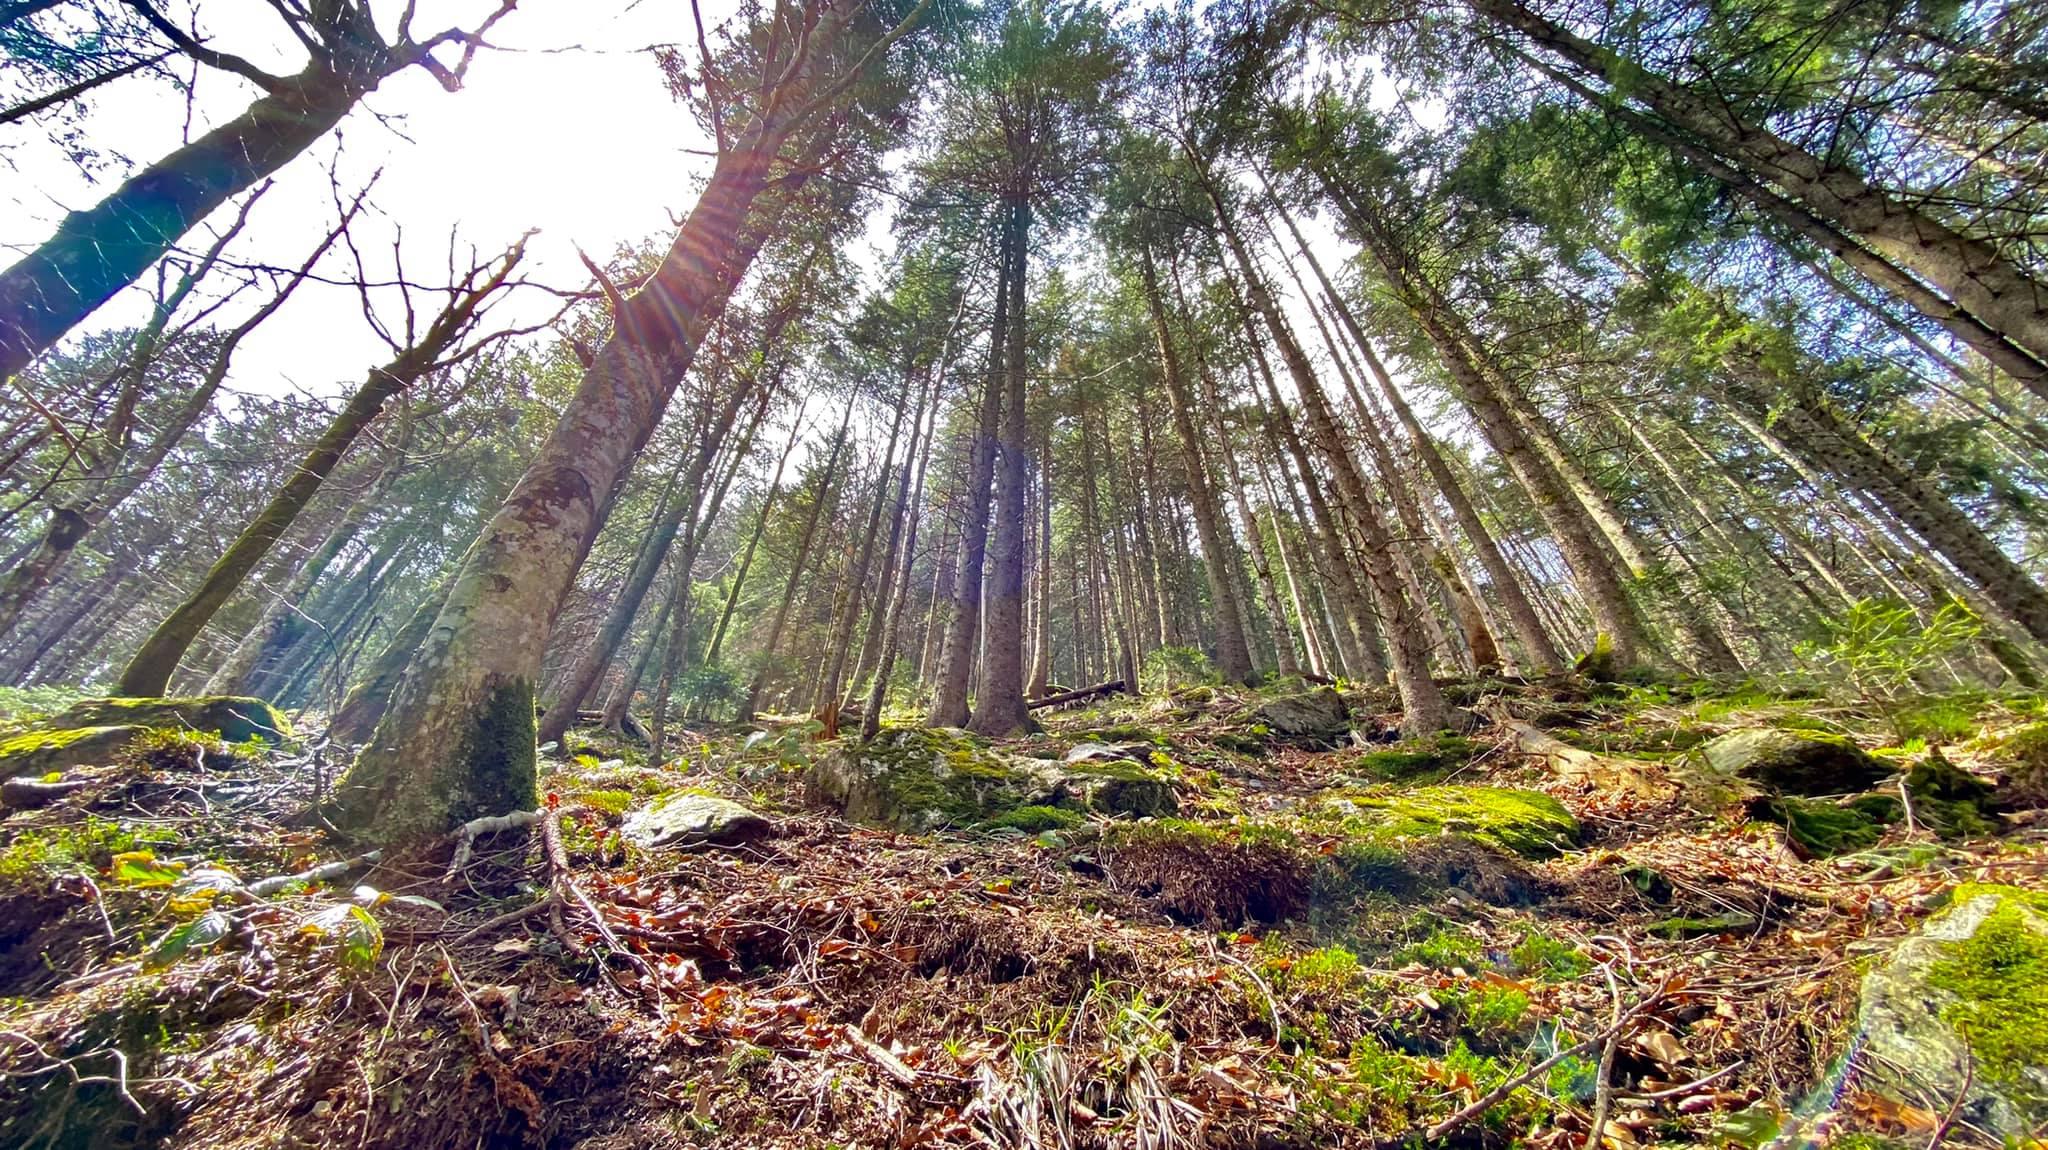 Padurea de conifere cu aer proaspat - Marius Popa